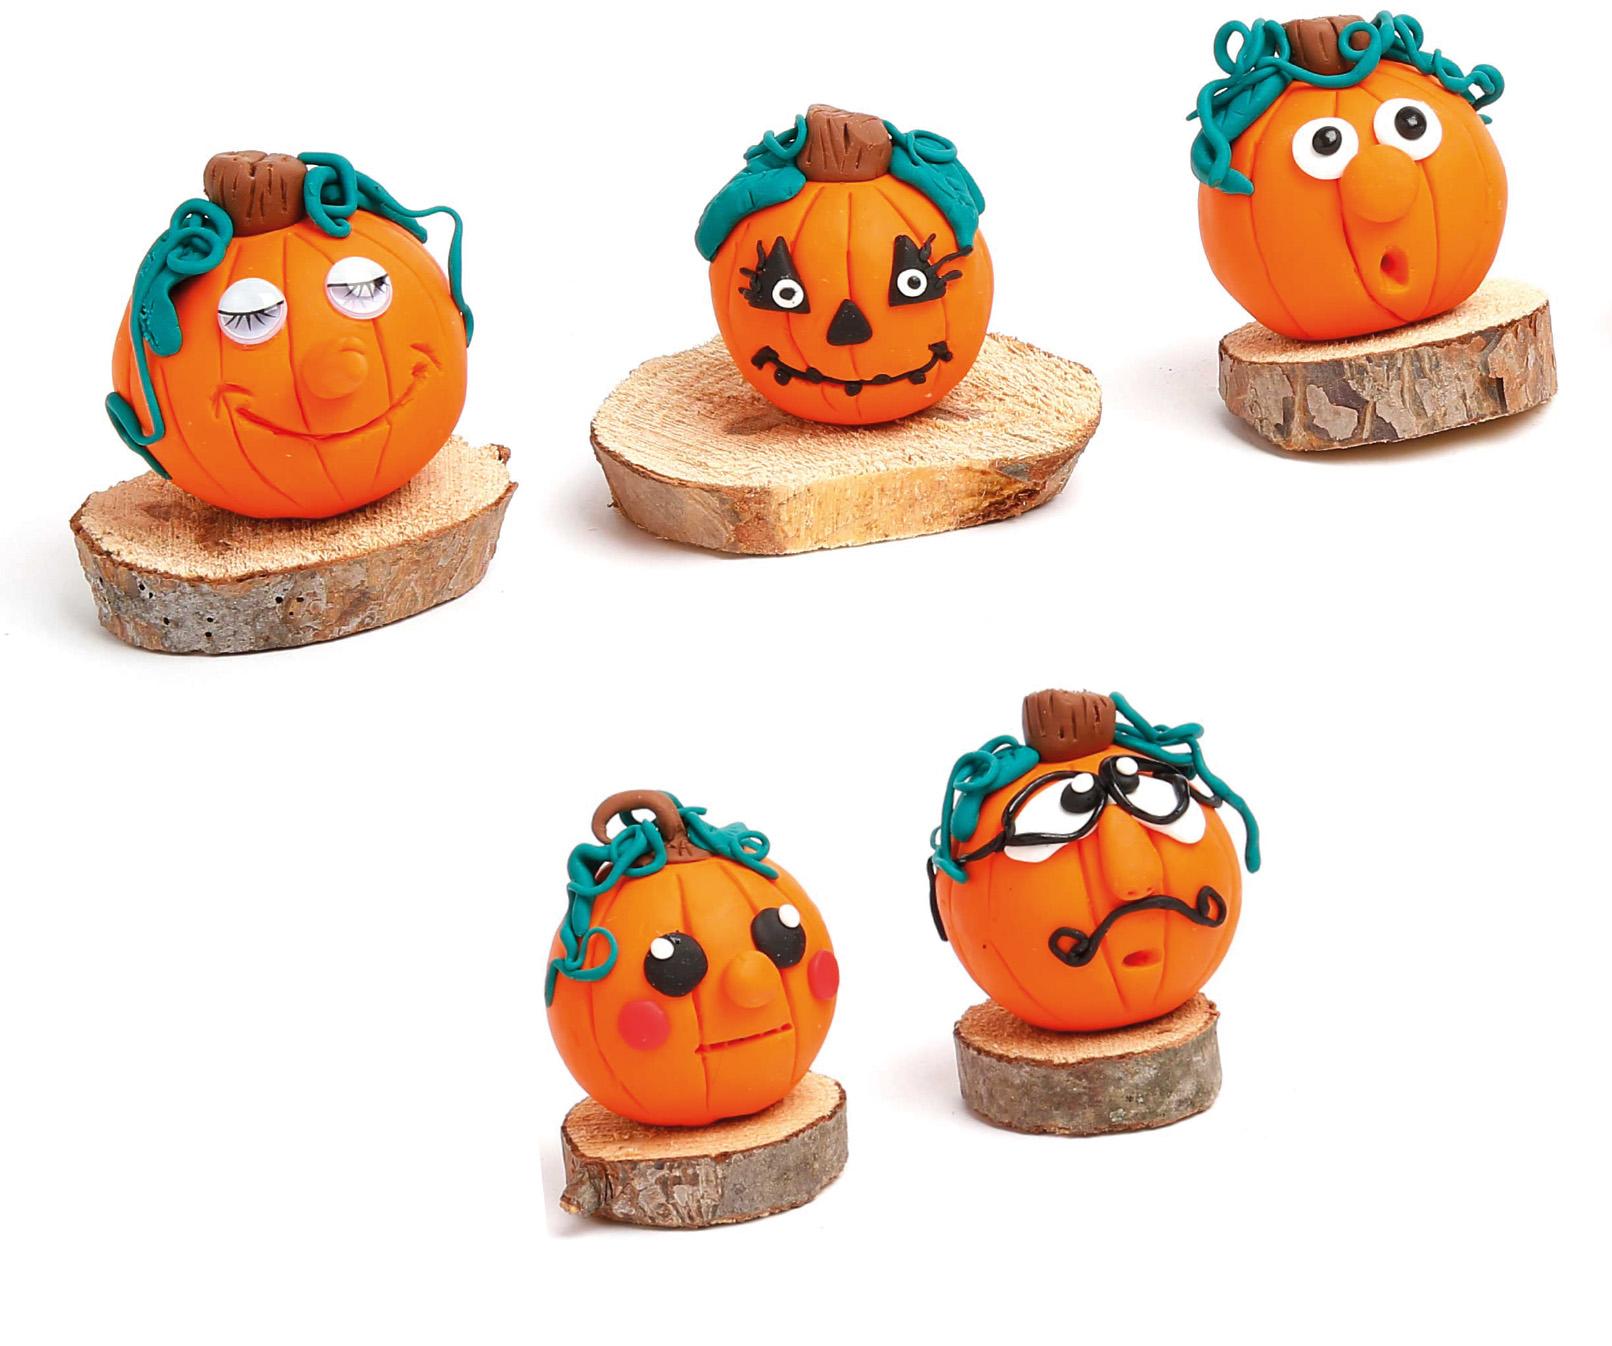 Halloween Figuurtjes Maken.Bangelijke Knutselwerkjes Voor Halloween